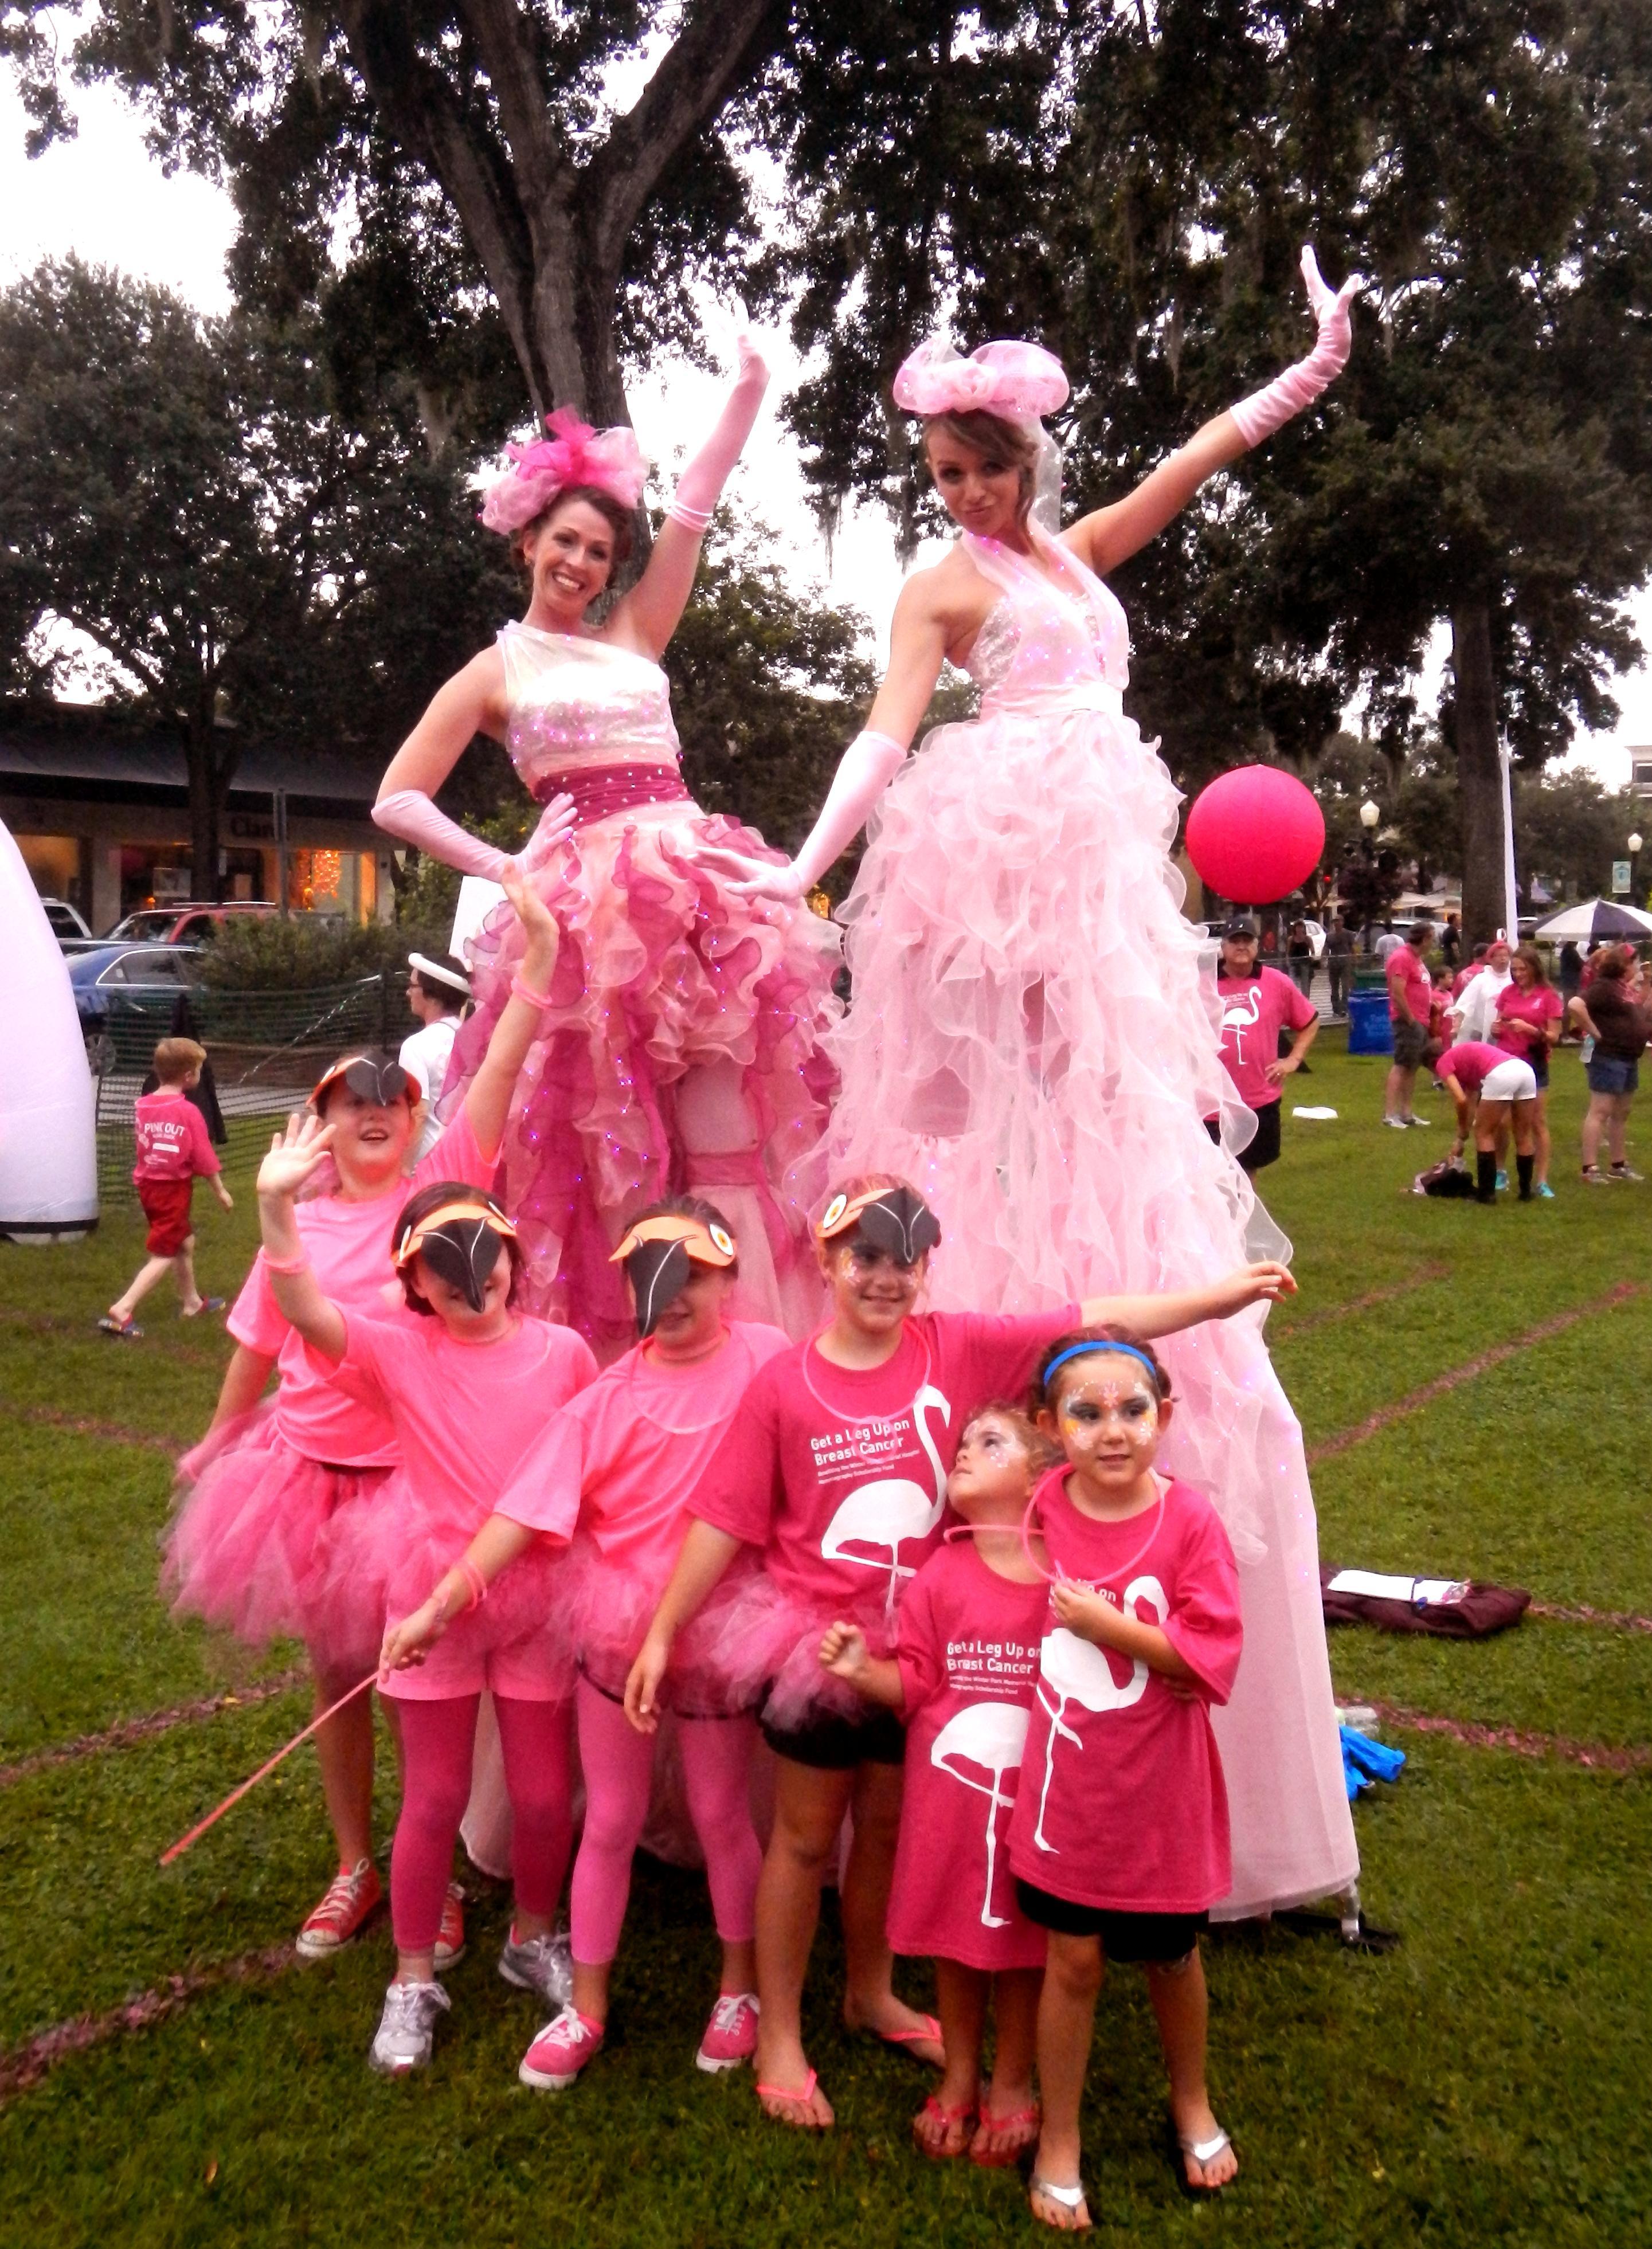 Pink stilt walkers